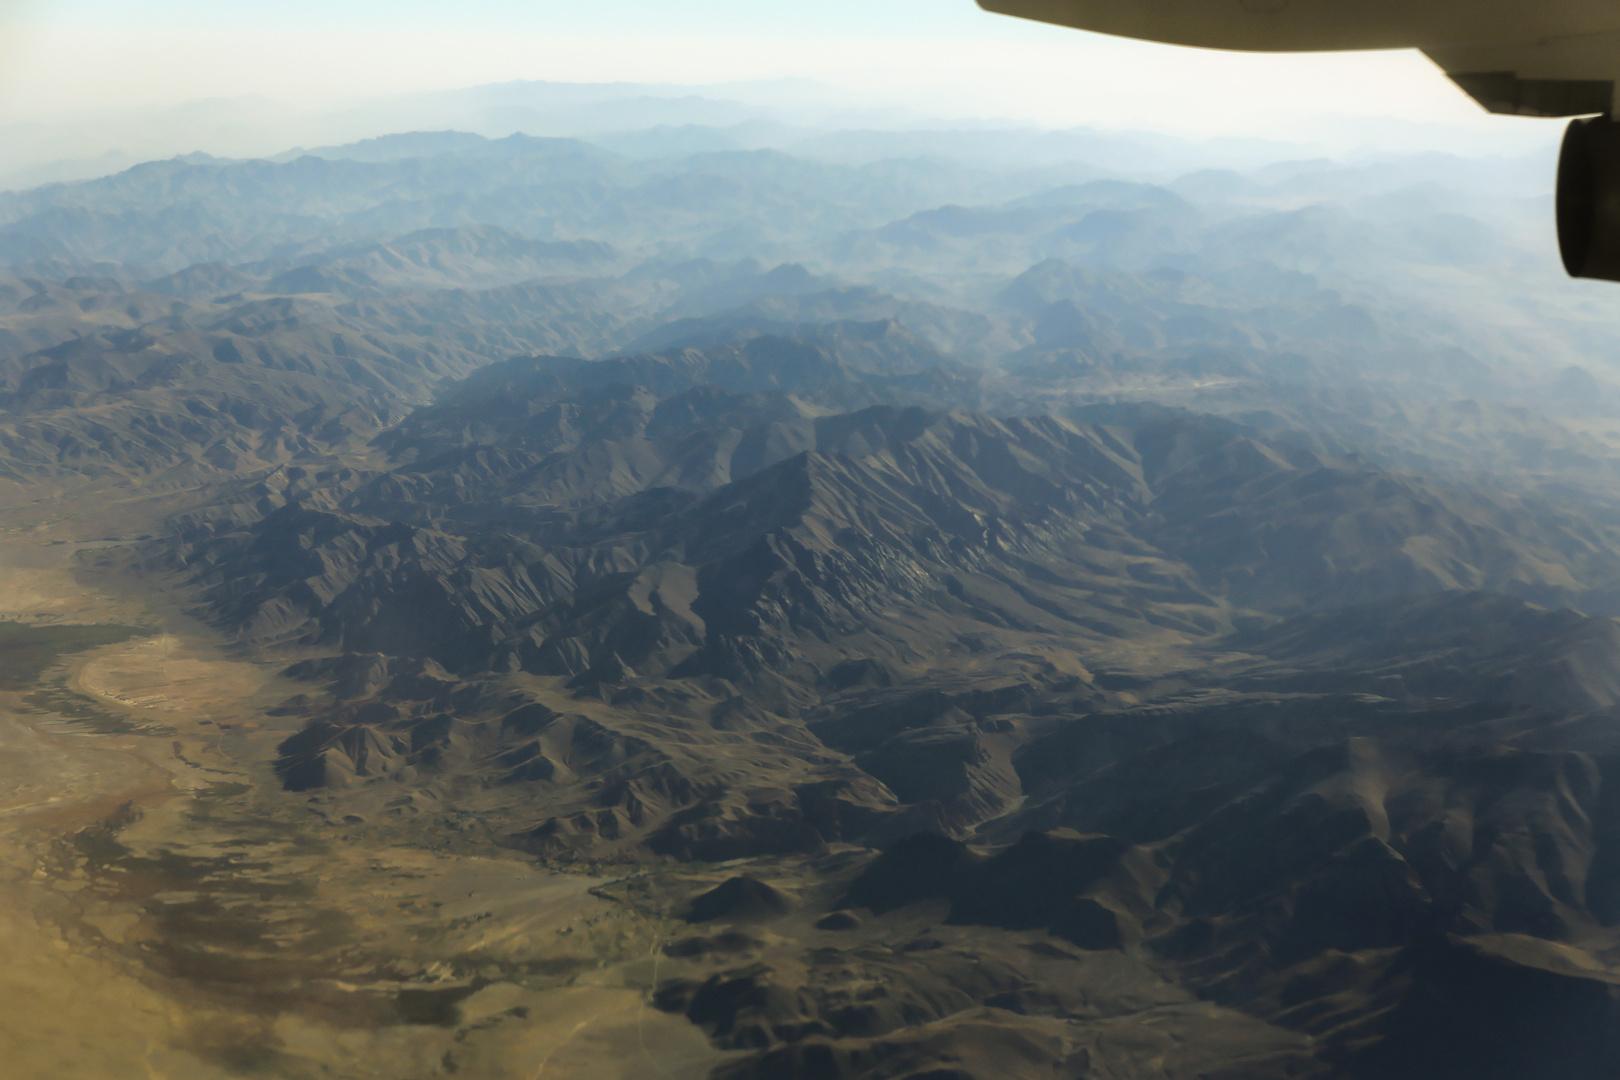 Afganistan aus rund 10 km höhe....